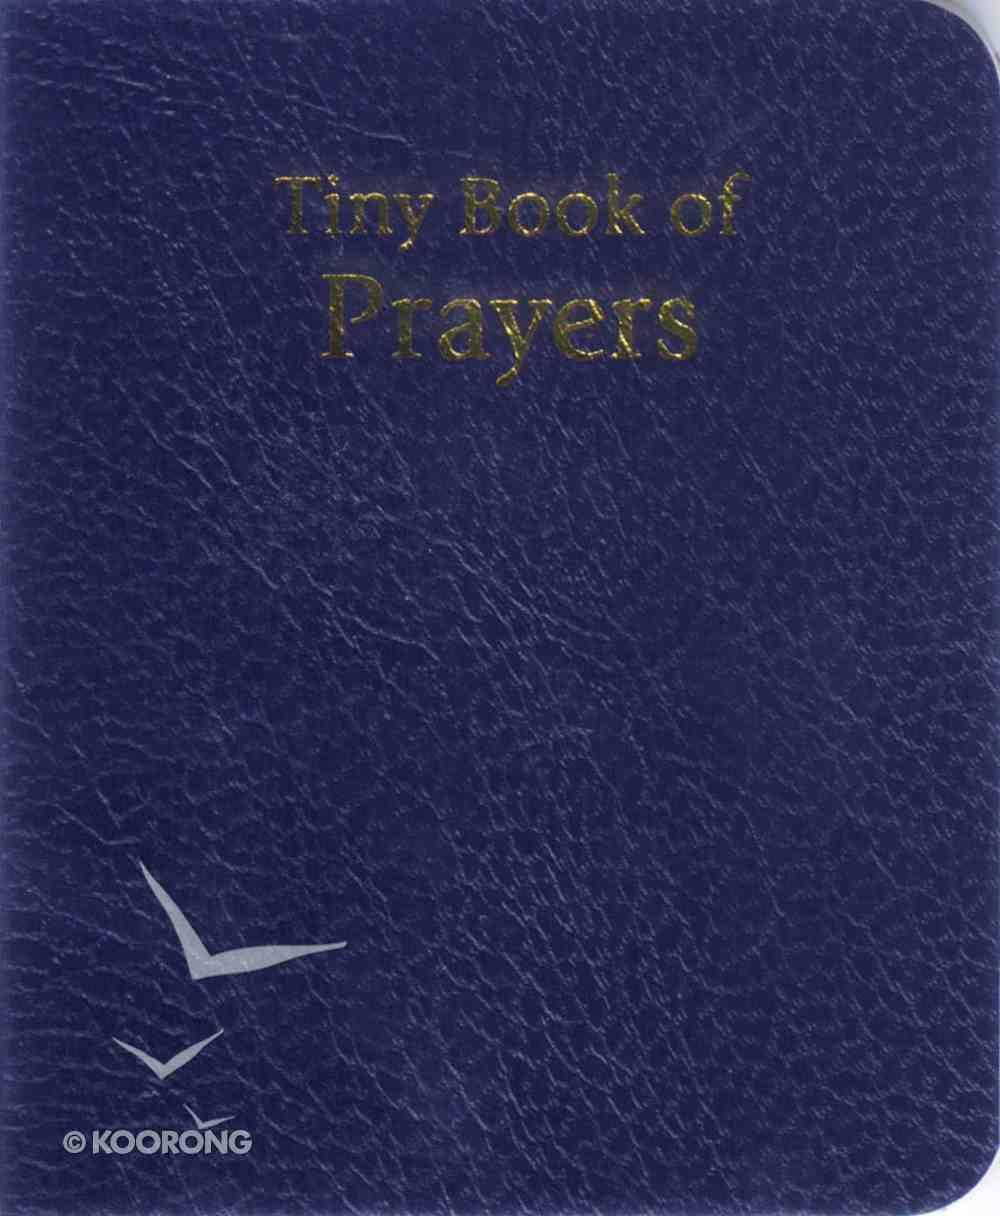 Novelty: Tiny Book of Prayers Blue Novelty